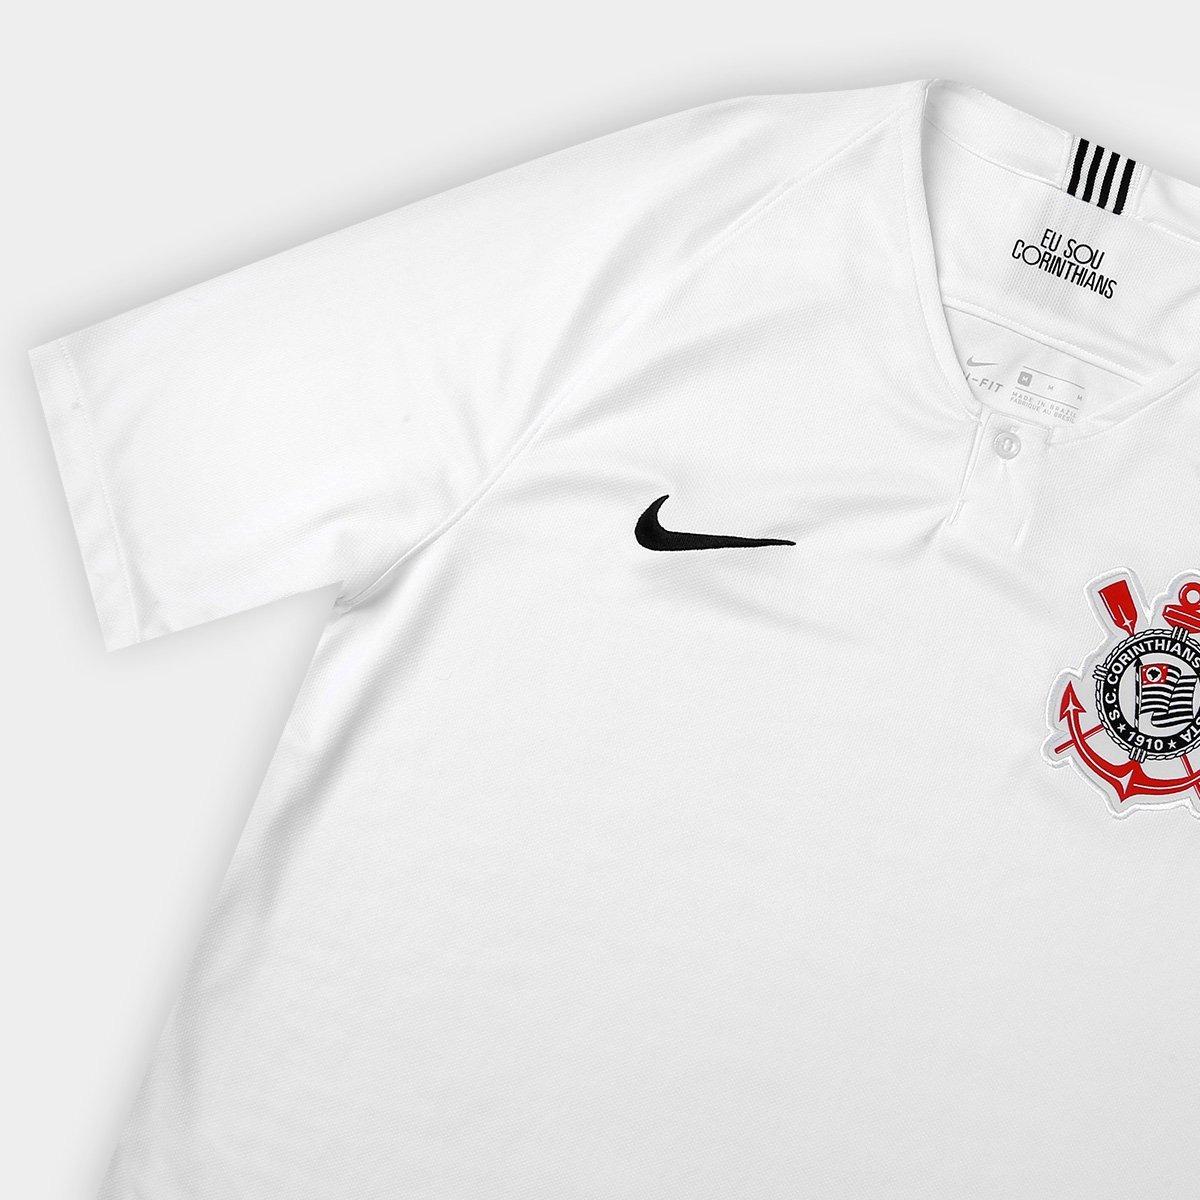 753e8df677 Nova Camisa Corinthians Home Uniforme 1 18 19 Frete Gratis - R  120 ...